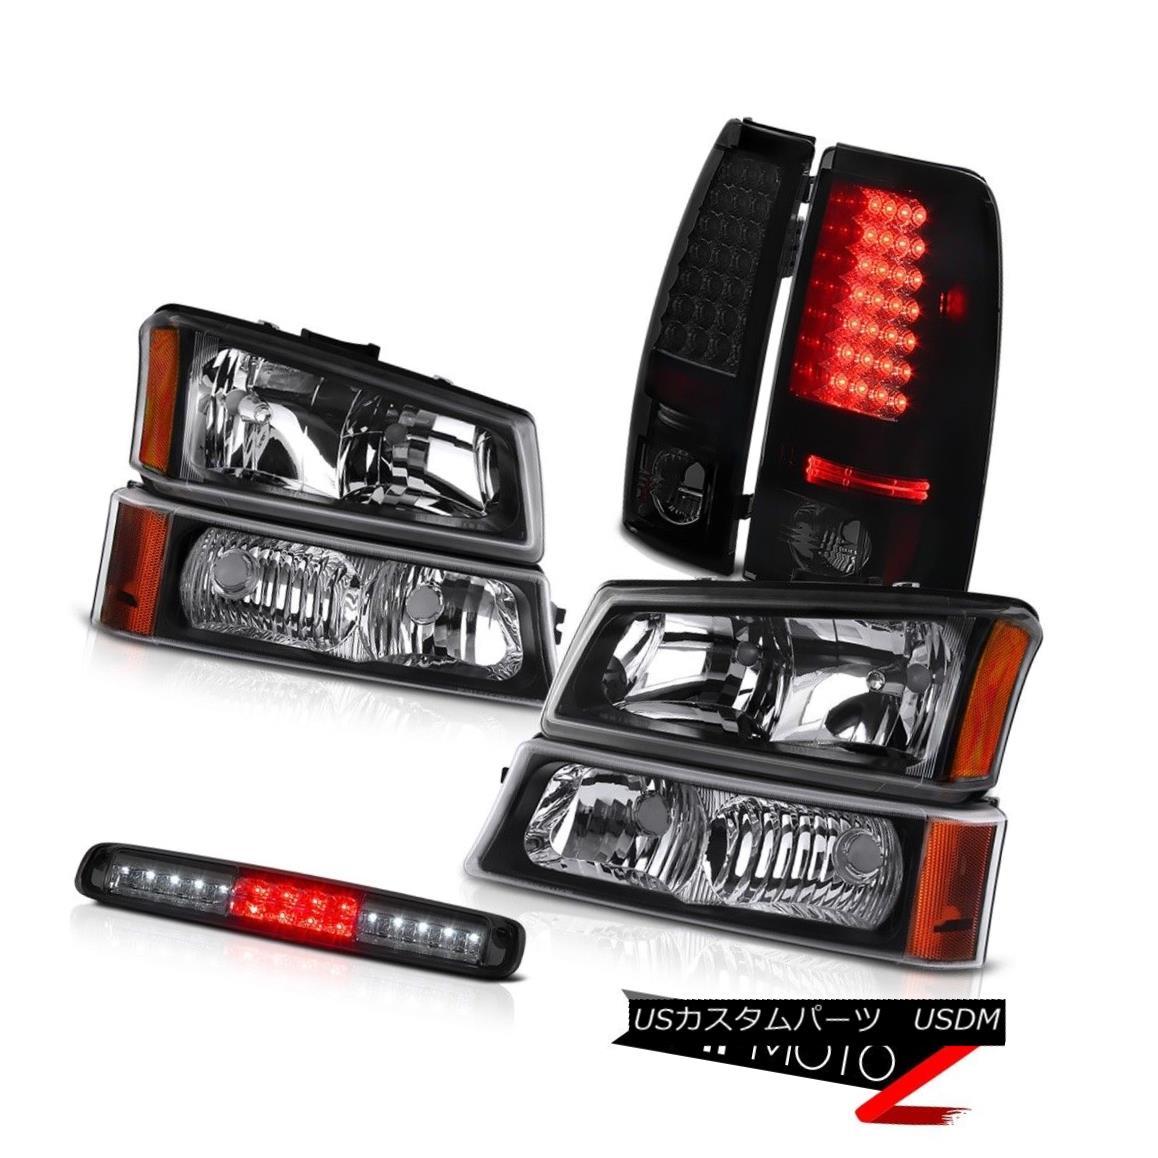 ヘッドライト 03-06 Silverado 2500Hd Inky Black Signal Lamp Roof Cargo Headlights Taillights 03-06 Silverado 2500Hd Inky Black信号ランプ屋根カーゴヘッドライトテールライト